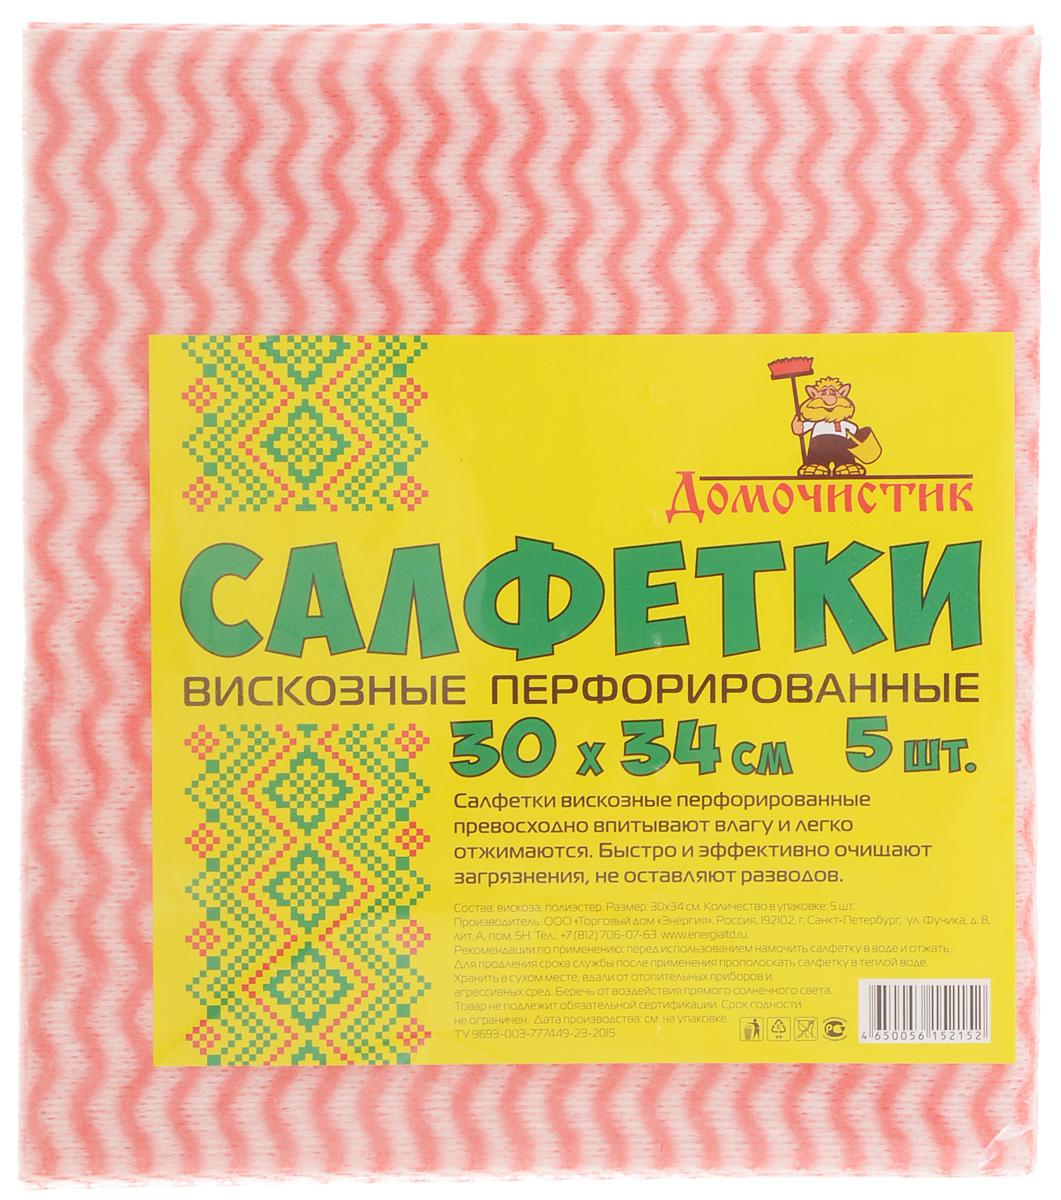 Салфетка для уборки Домочистик из вискозы, перфорированная, цвет: розовый, 30 x 34 см, 3 шт. 13007SV3848_оранжевыйПерфорированные салфетки для уборки Домочистик выполнены из вискозы, превосходно впитывают влагу и легко отжимаются. Быстро и эффективно очищают загрязнения, не оставляют разводов. Рекомендации по применению:Перед использованием намочить салфетку в воде и отжать.Для продления срока службы после применения прополоскать в теплой воде.Хранить в сухом месте, вдали отопительных приборов и агрессивных сред.